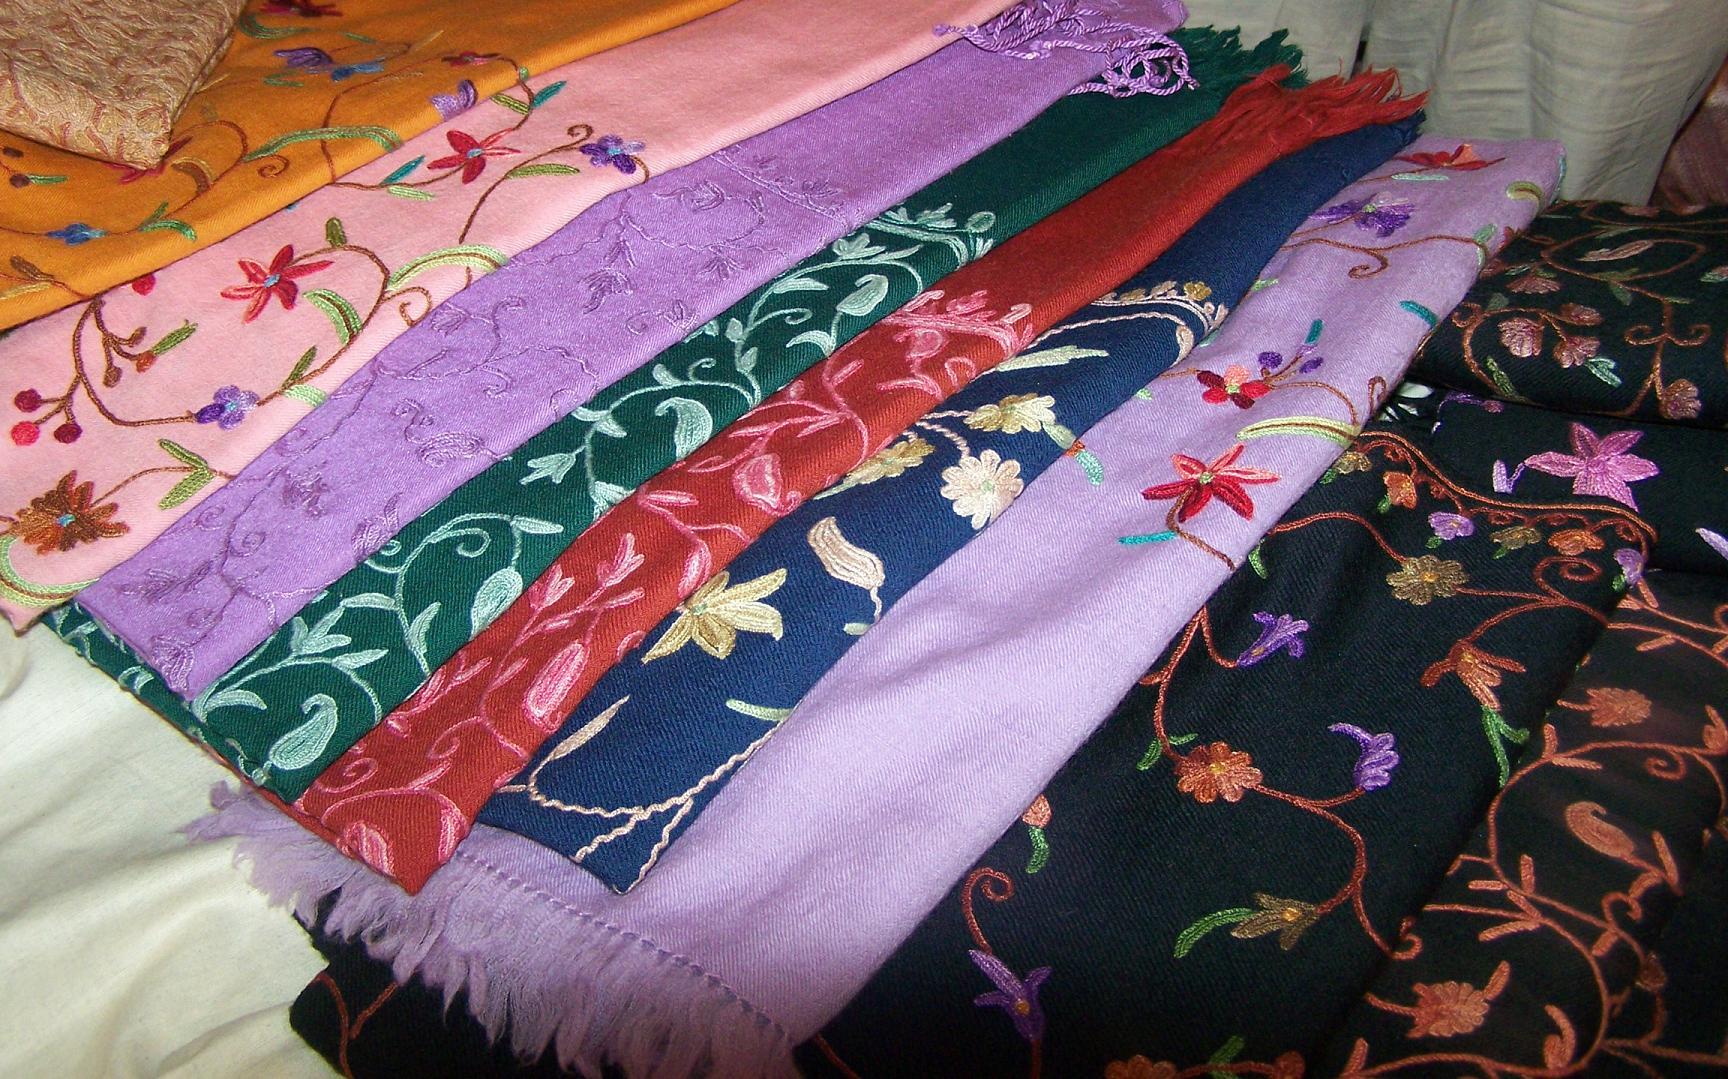 Kashmir shawls